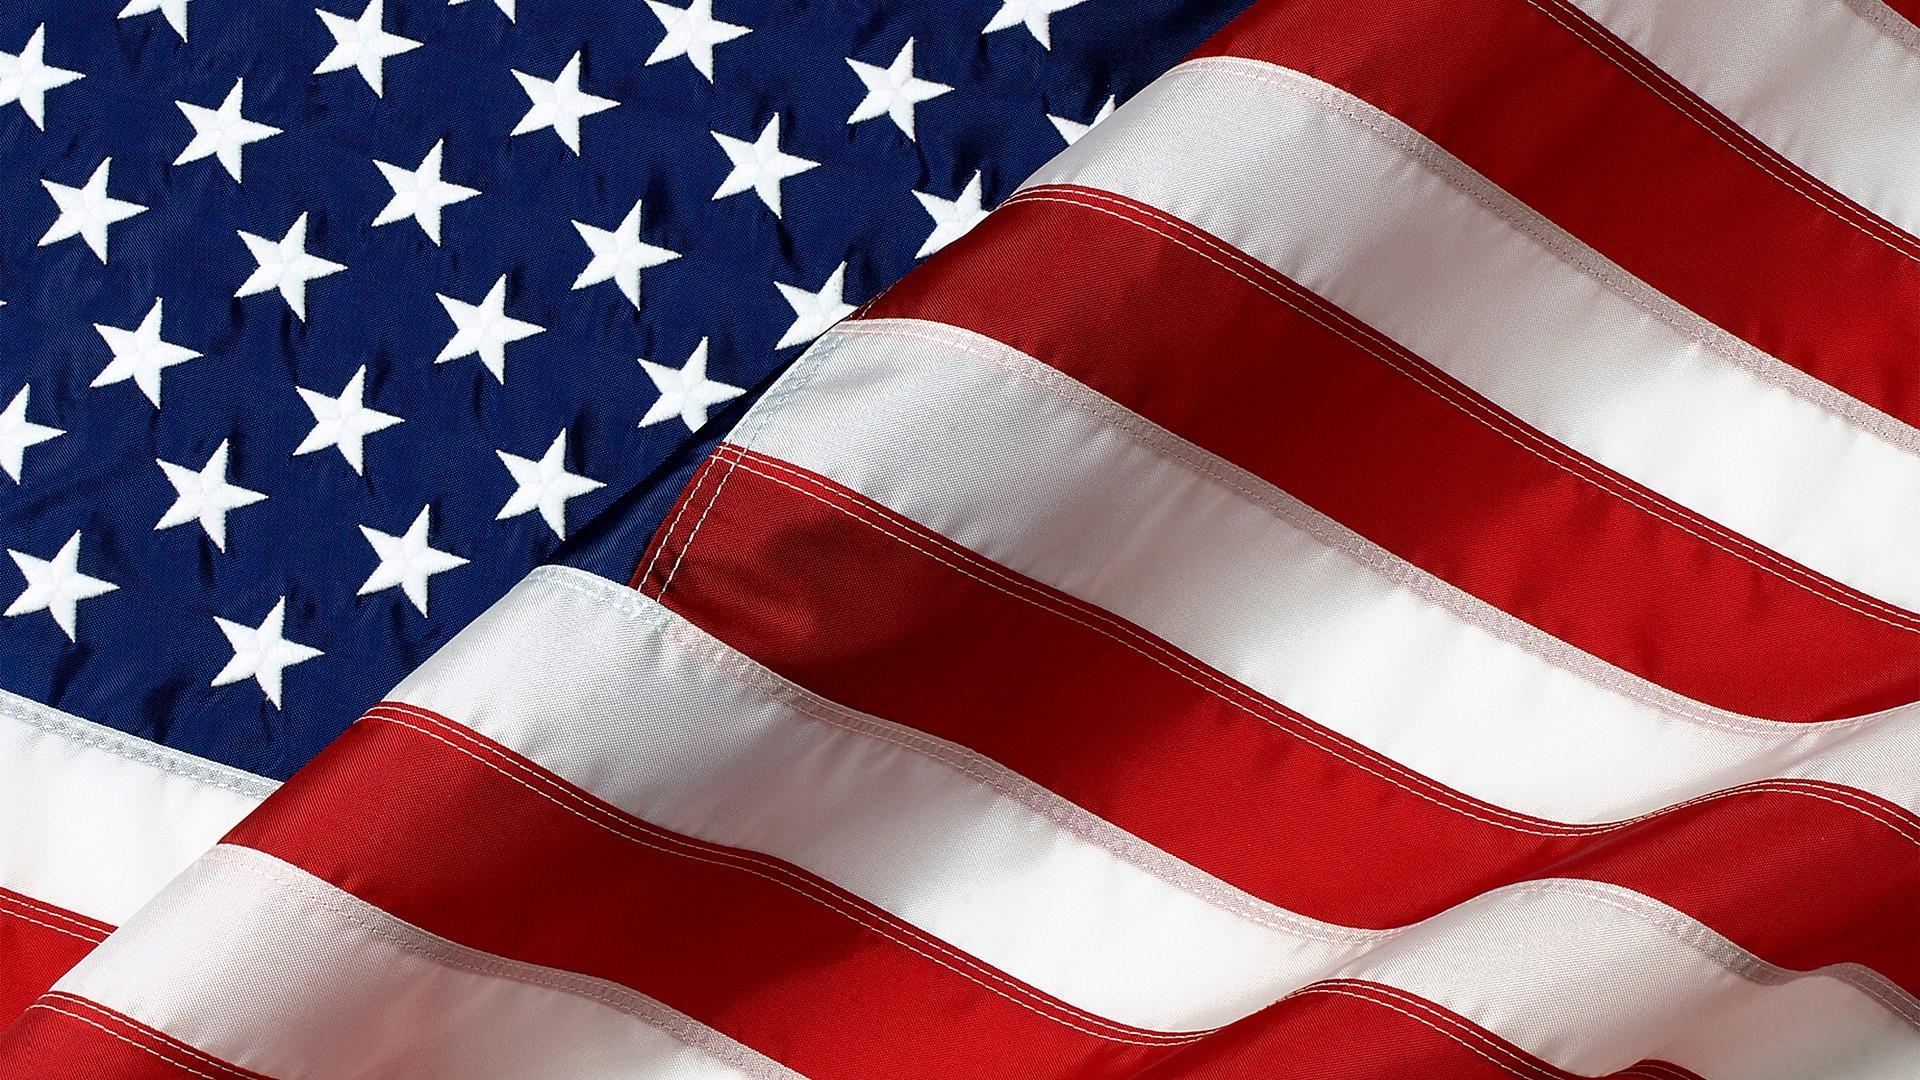 США відповіли на скорочення кількості дипломатів, або Неімміграційні візи закриті для росіян